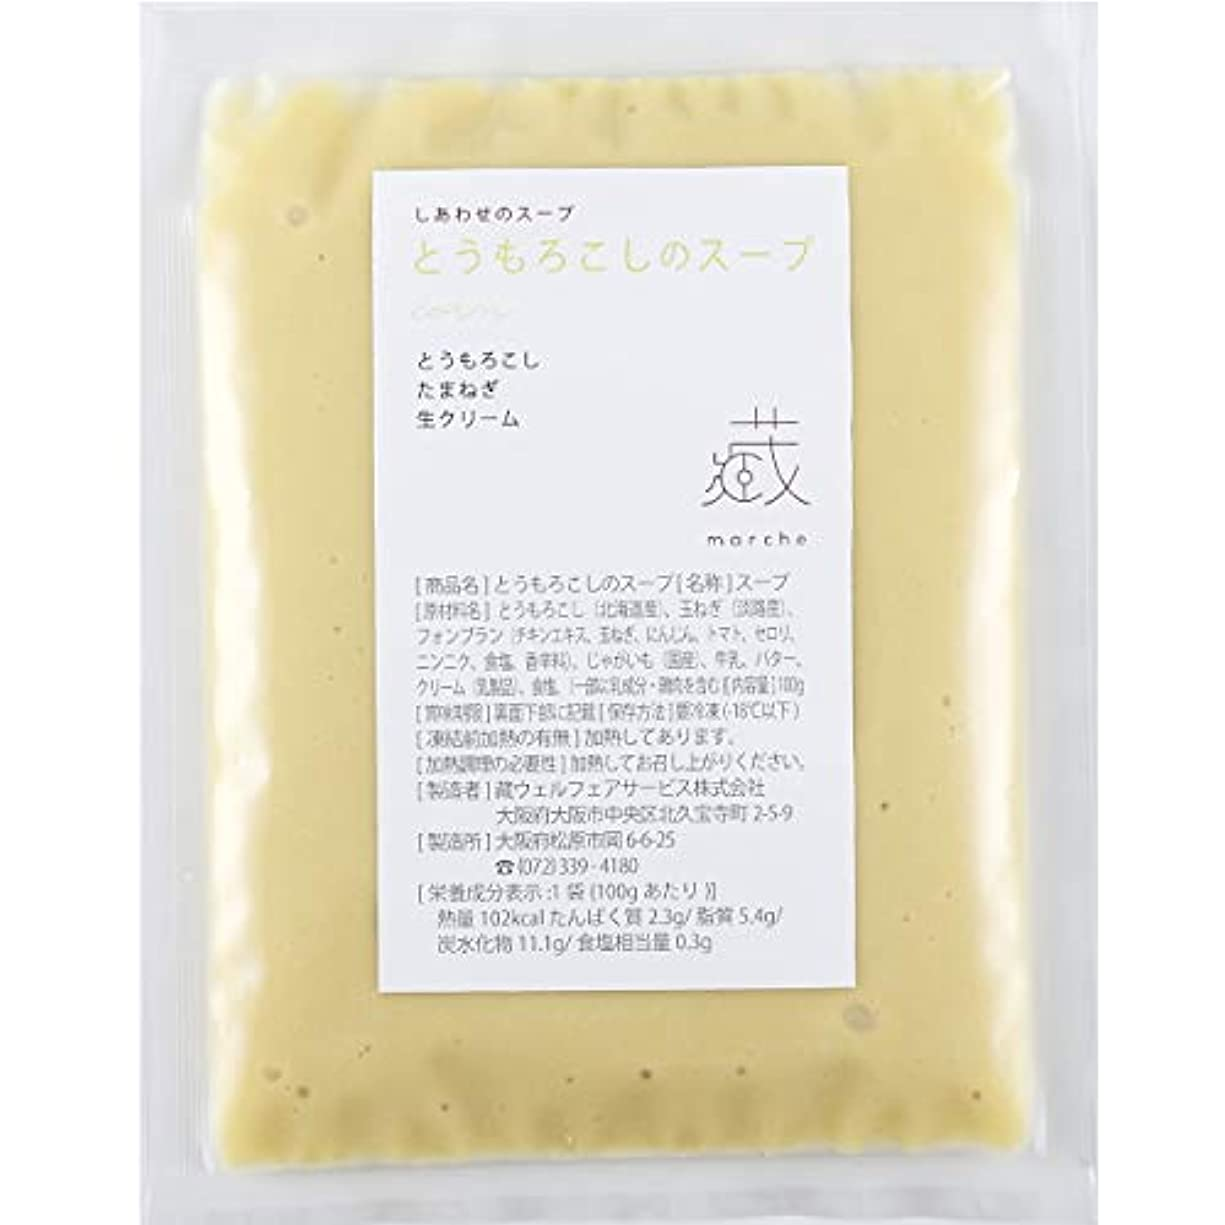 トリクルカエル刺すしあわせのスープ【とうもろこし】フランス料理日本代表シェフが作る 無添加スープ【 嚥下対応 】コーンスープ